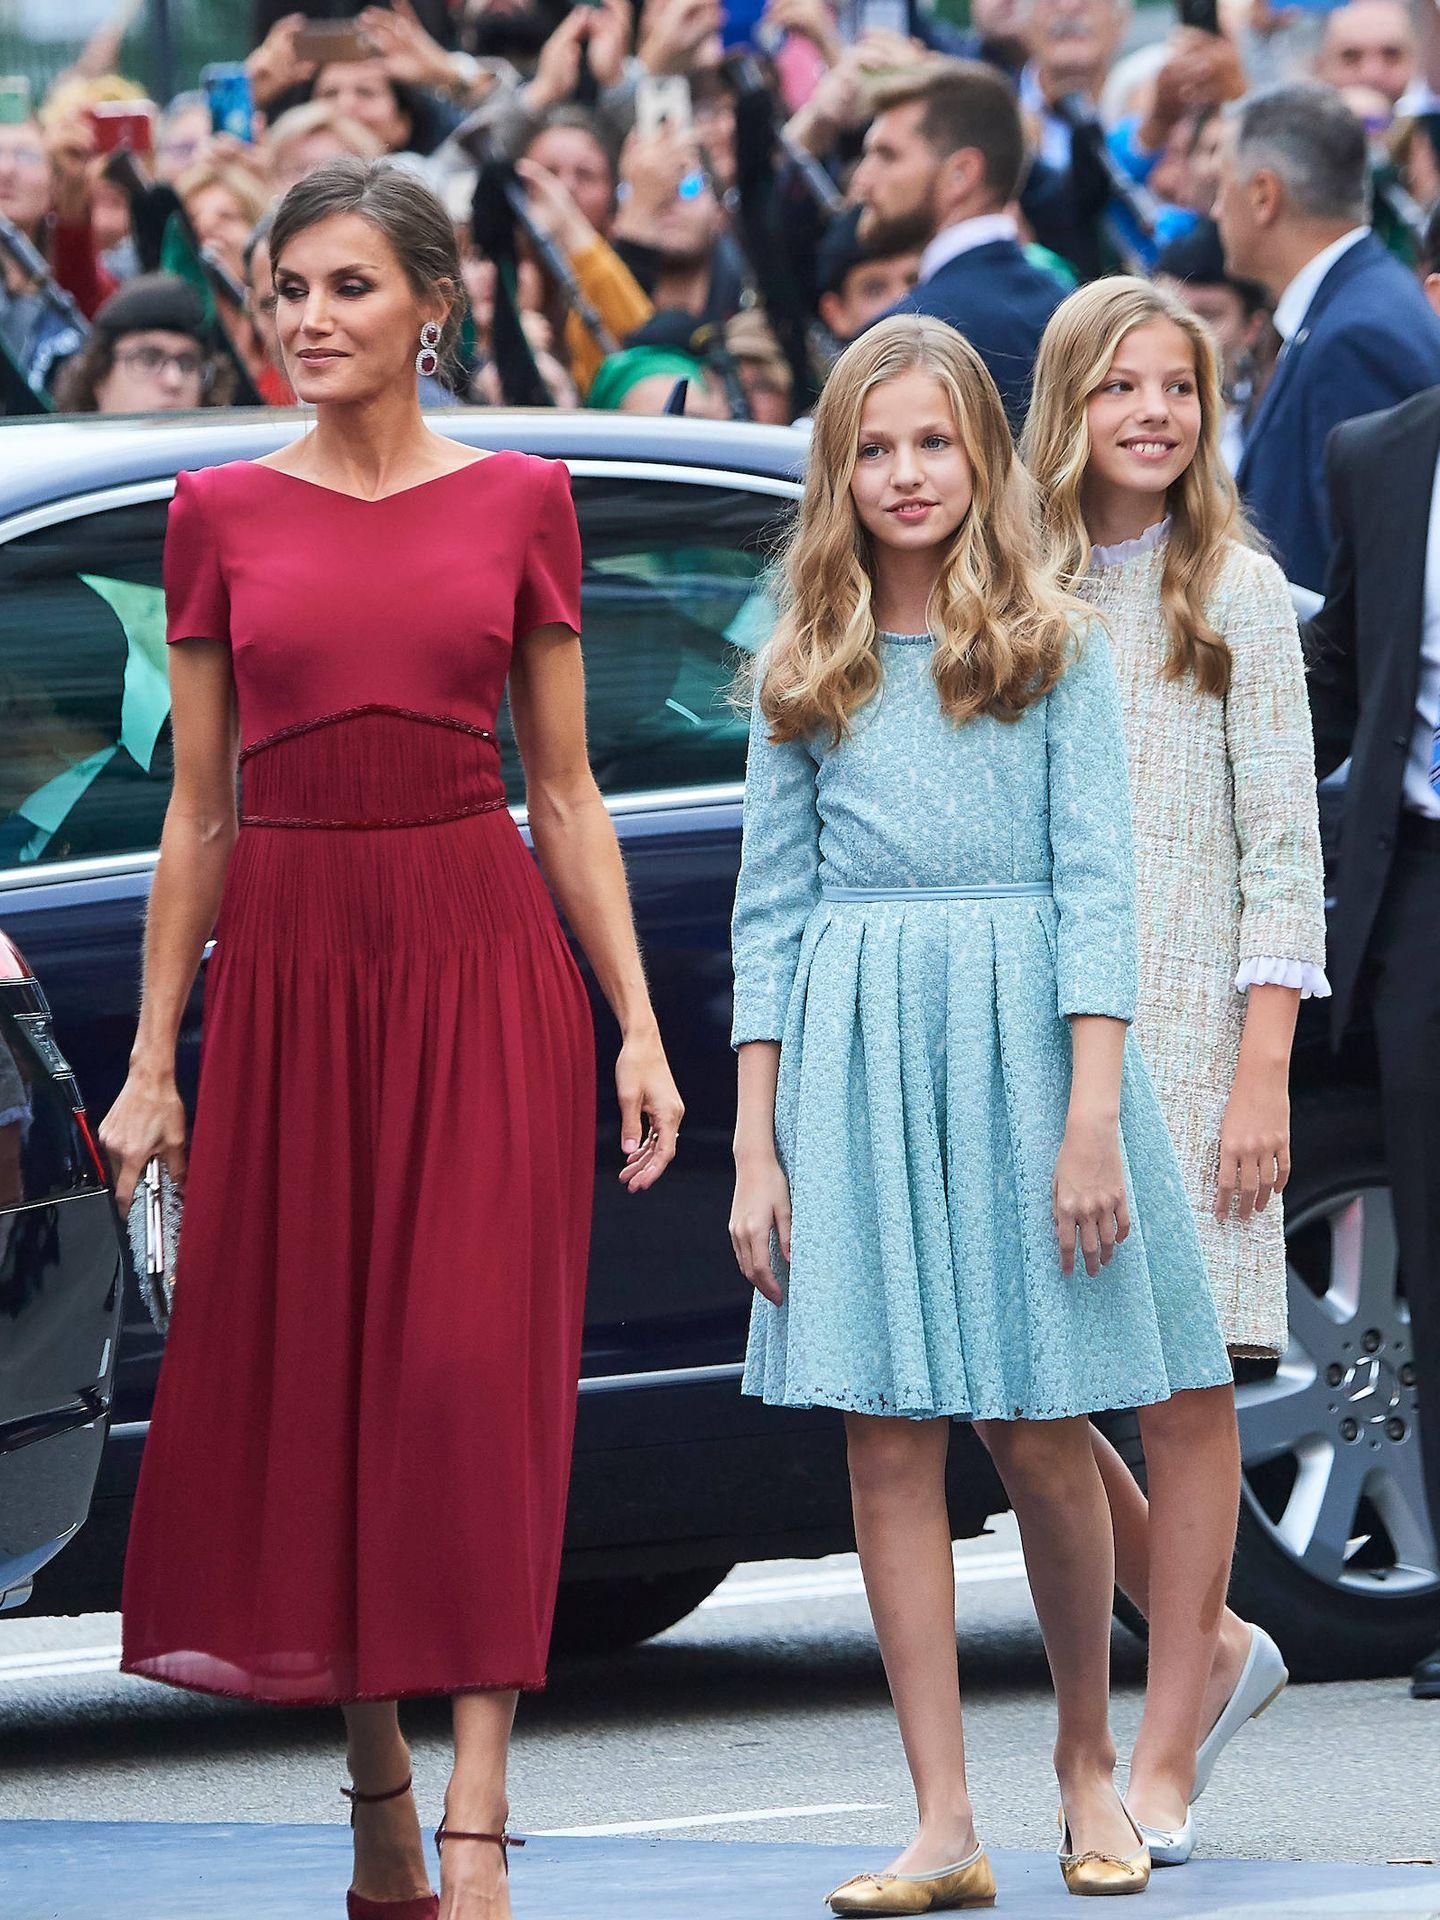 La reina Letizia, junto a Leonor y Sofía en su llegada a los premios de 2019. (Limited Pictures)